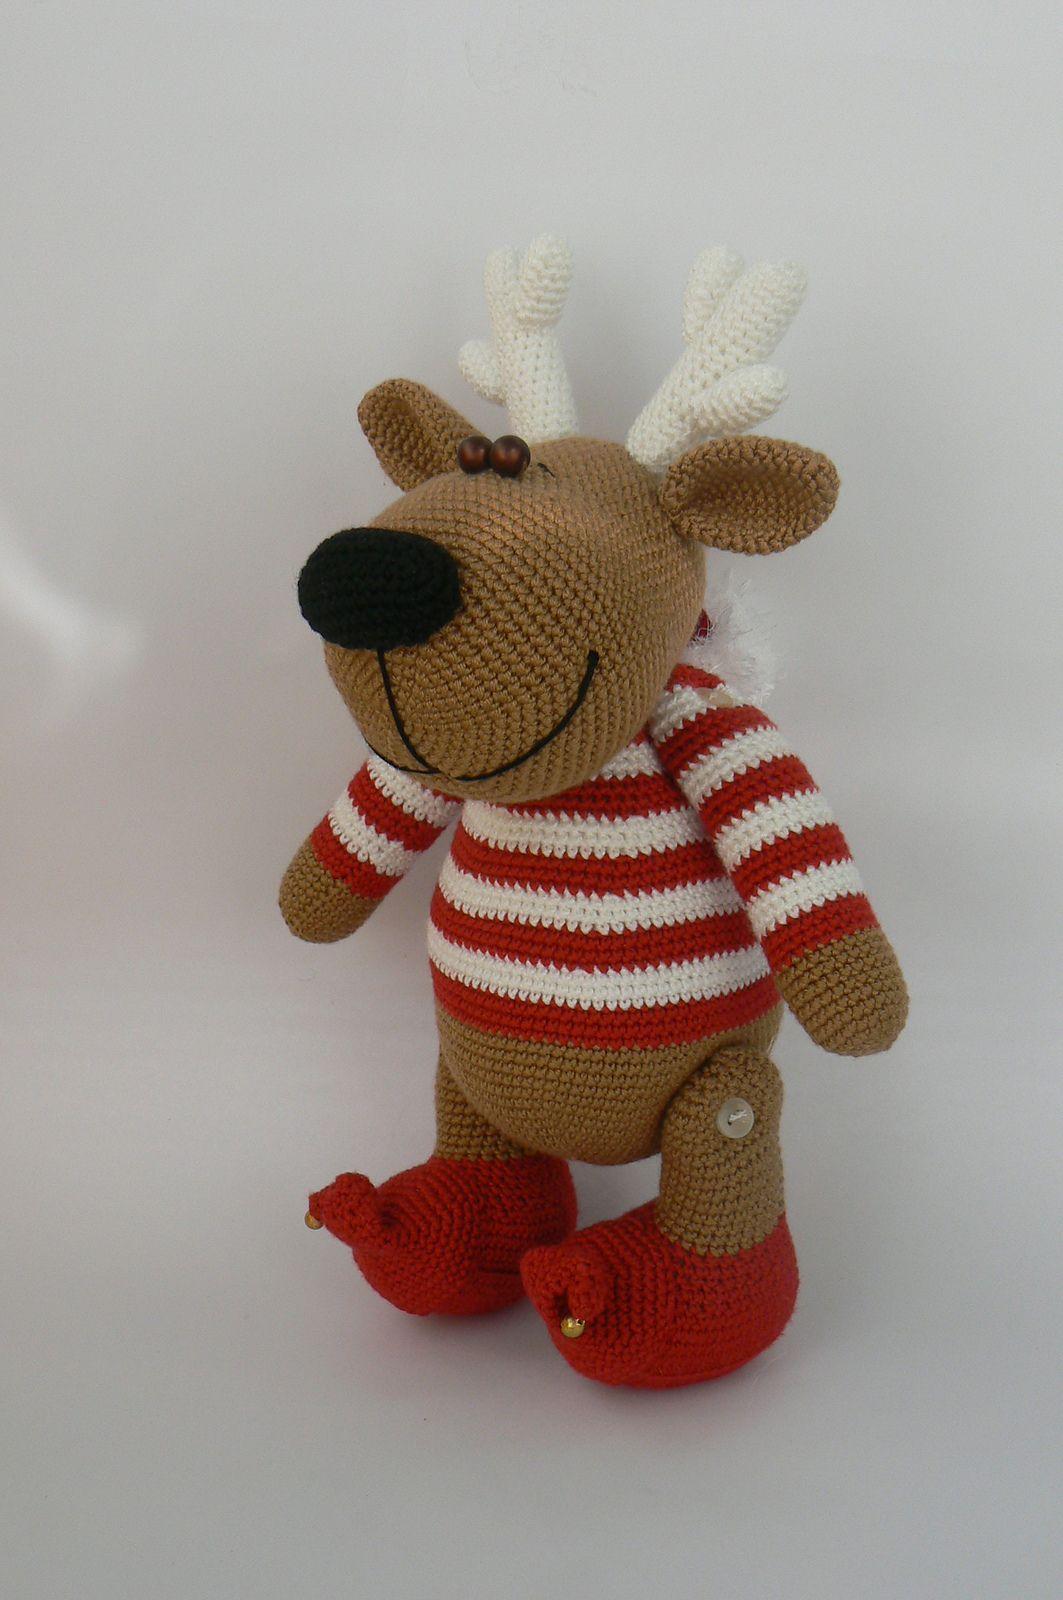 Ravelry: Christopher the Reindeer pattern by Katka Reznickova